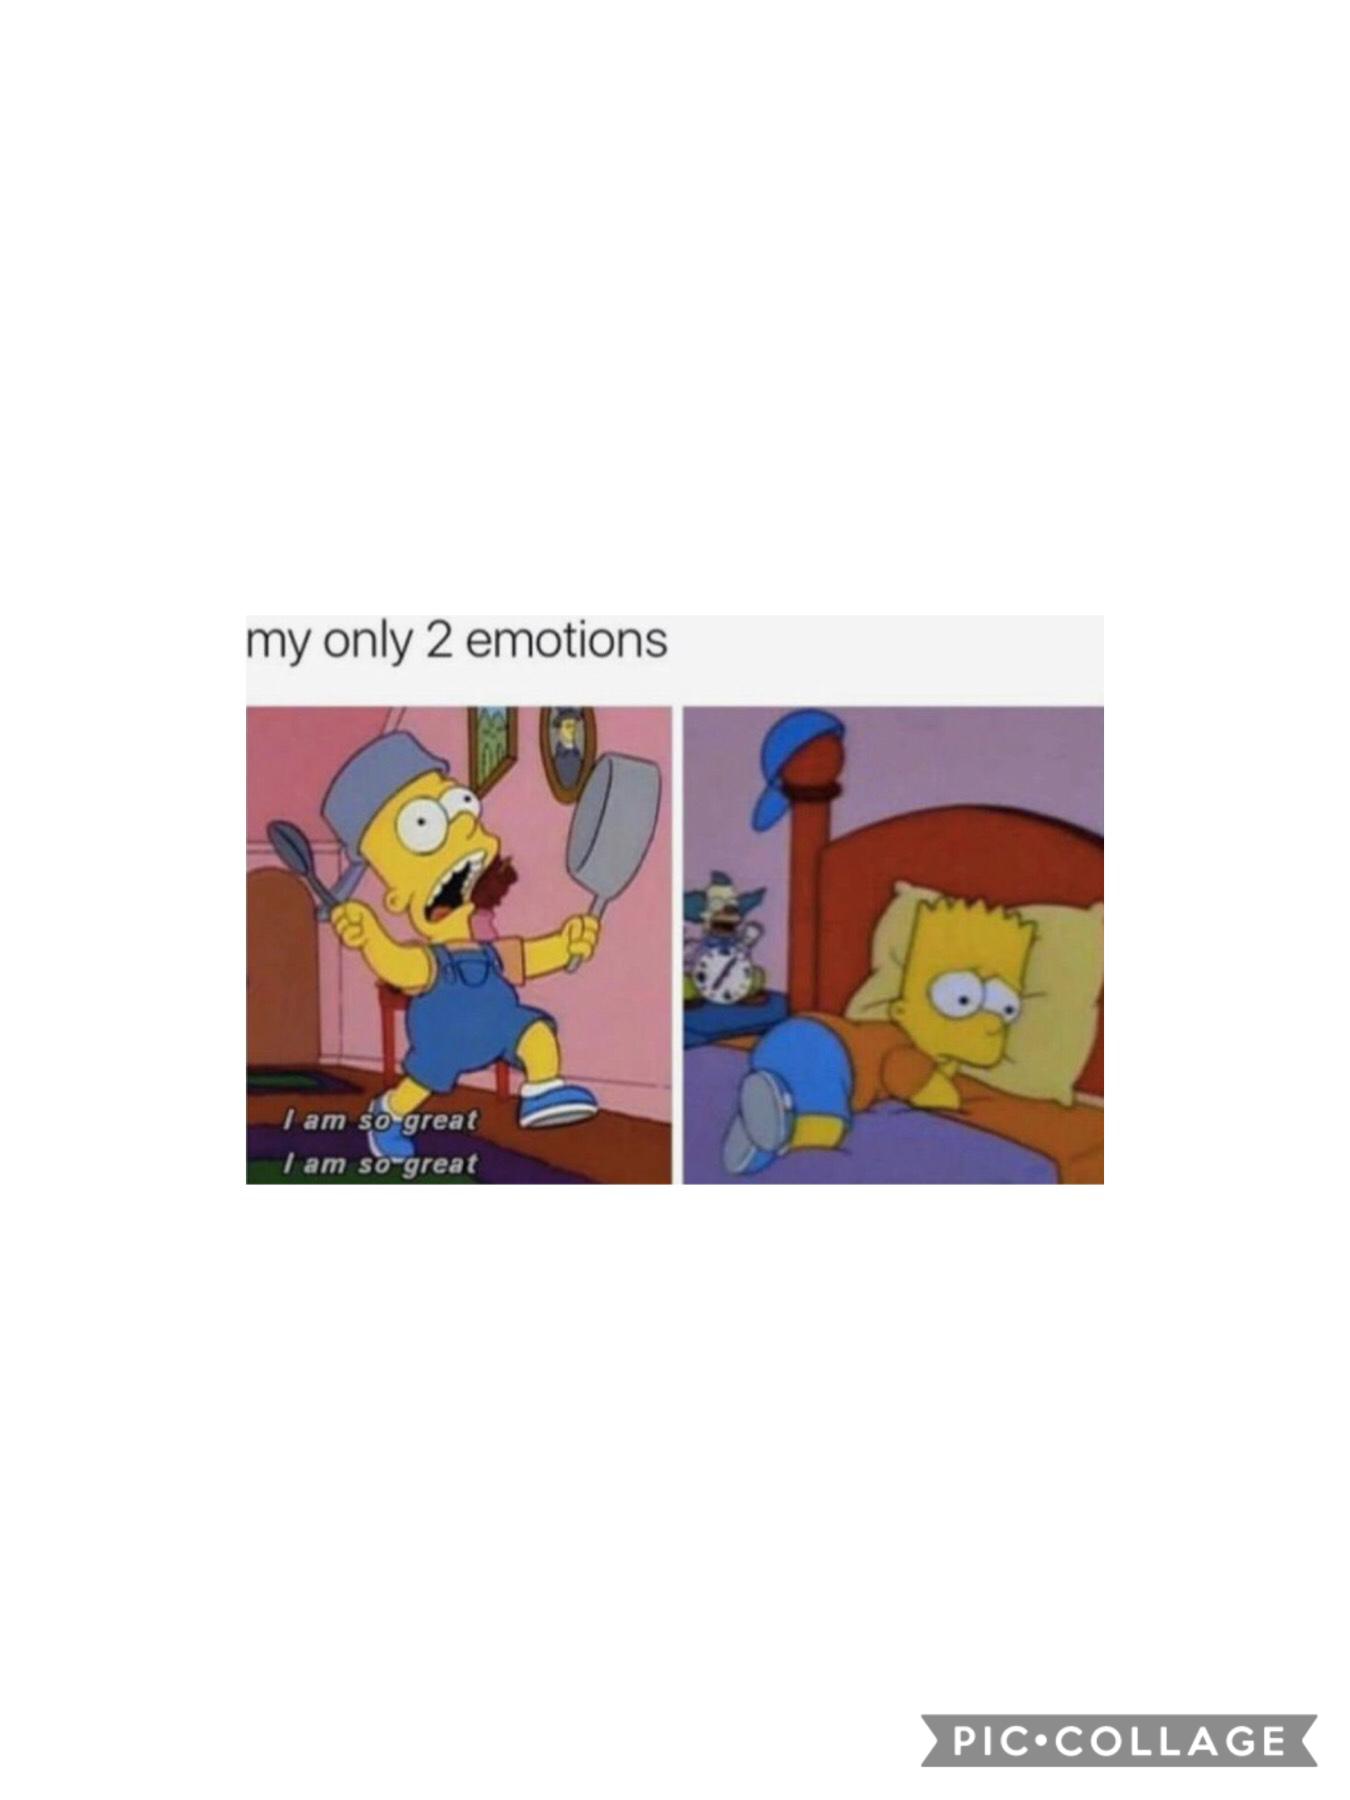 daily meme #4